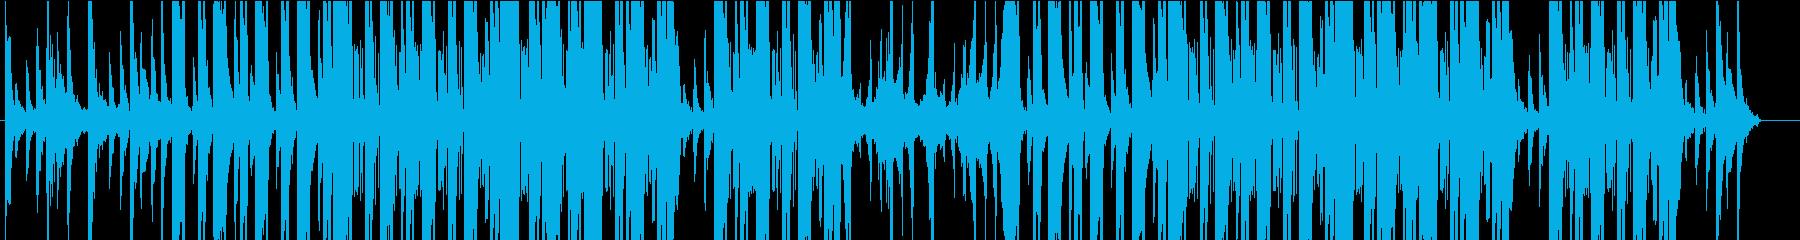 琴が鳴る怪しいヒップホップ風の楽曲の再生済みの波形